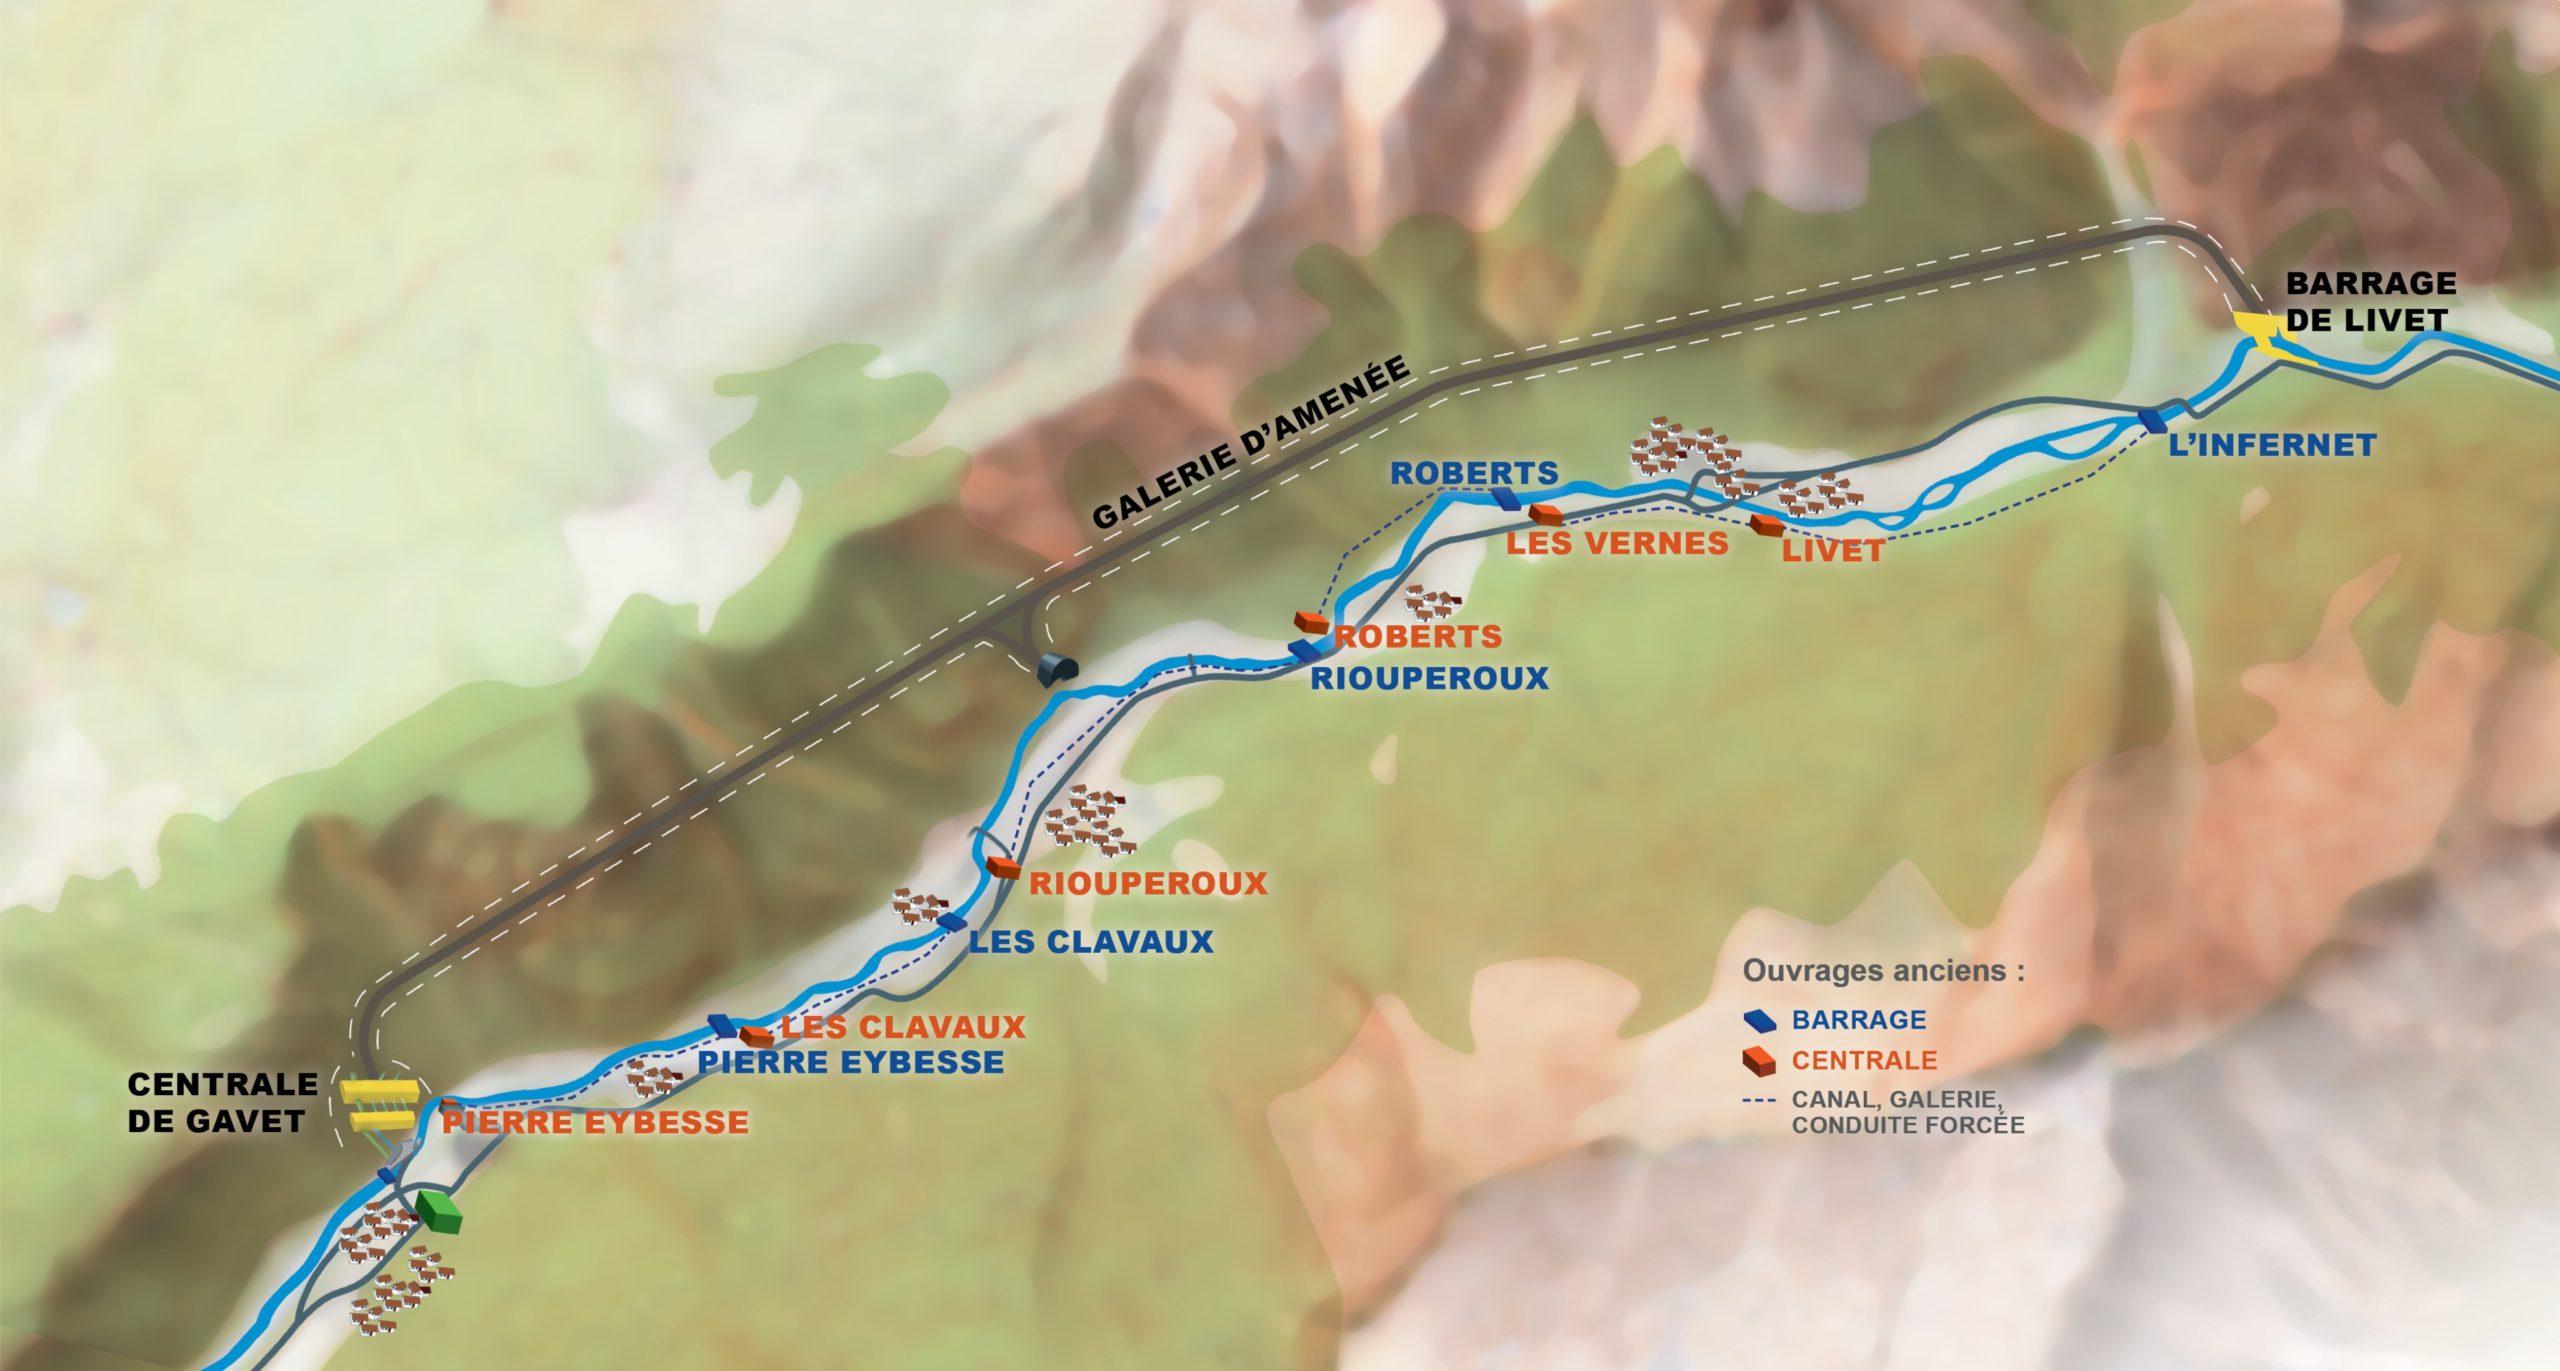 Hydroélectricité : EDF a investi 400 millions d'euros pour le nouvel aménagement de moyenne Romanche